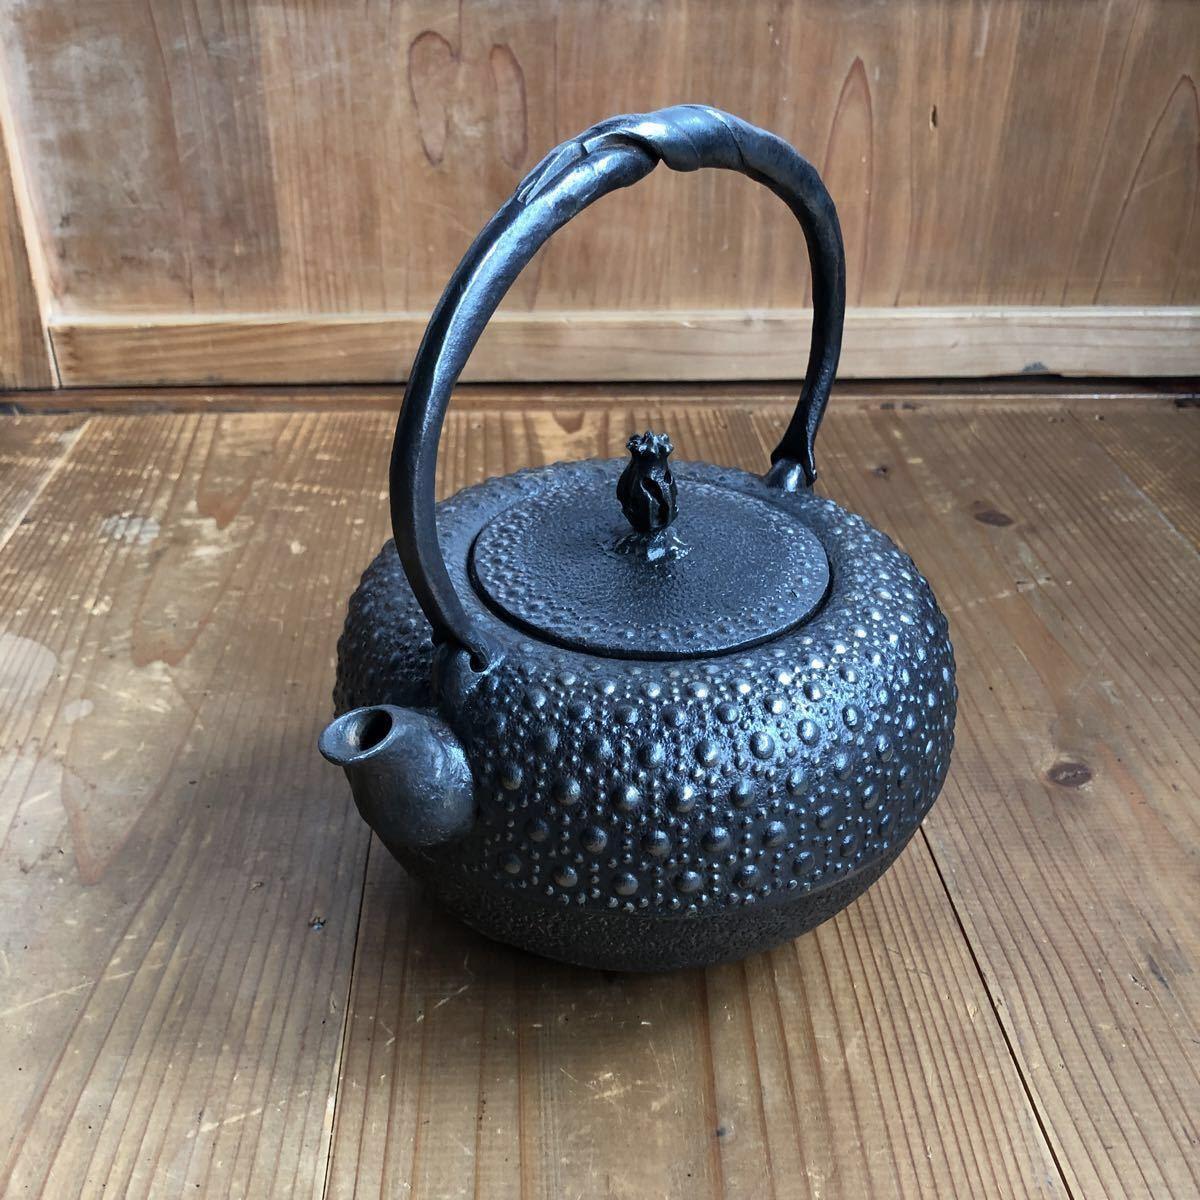 古い 南部鉄器 南部鉄瓶 岩鋳 亀甲模様 捻り持ち手 虫喰い摘み 湯沸かし 煎茶道具 _画像9